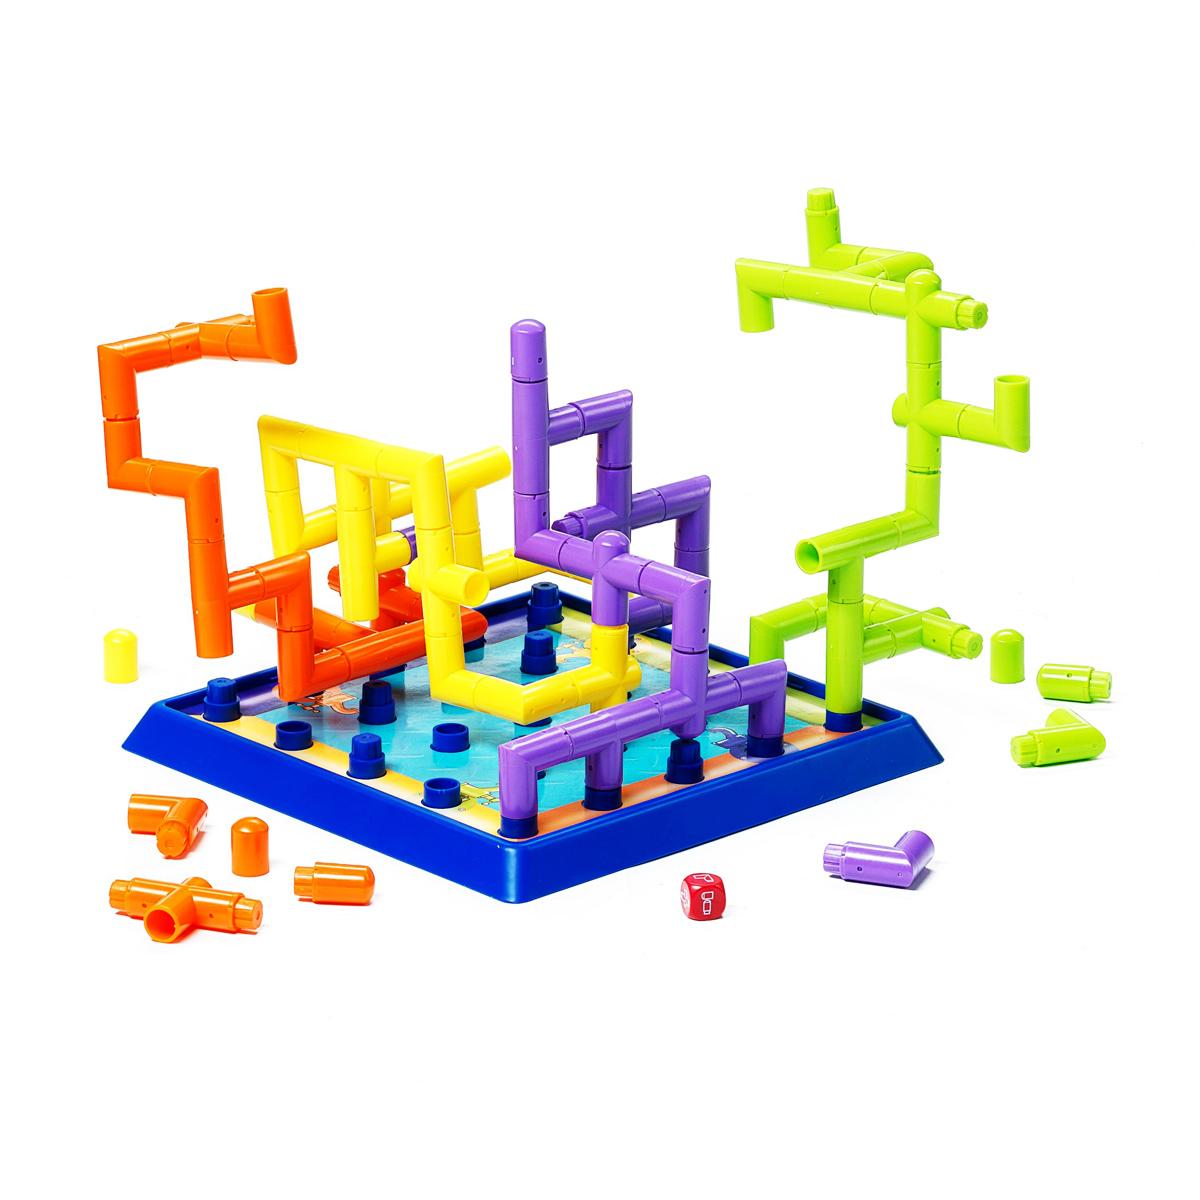 Настольная 3D-игра Bondibon Smartgames МагистральВВ0968Семейная стратегическая игра. Вам предстоит очень важная и ответственная работа: соединить элементы системы труб так, чтобы доставить некое уникальное вещество от его источника прямо на завод по производству универсальной волшебной жидкости. Трубы имеют разную форму, и придется поразмыслить в какую сторону направить свою магистраль, чтобы конкуренты не смогли помешать. Побеждает тот, кто первым завершит конструкцию, протянув магистраль от отправной точки до противоположной стороны игрового поля. Прекрасные надежные пластмассовые конструкции ярких цветов прослужат долго и смогут не раз воплощать смелые технические решения даже самых юных инженеров. В комплект игры входят: игровое поле, 64 элемента для построения магистрали и кубик. Характеристики: размер игрового поля: 23,5 см х 24 см х 2,5 Количество игроков: от 1 человека. Размер упаковки: 24 см х 24 см х 6 см.